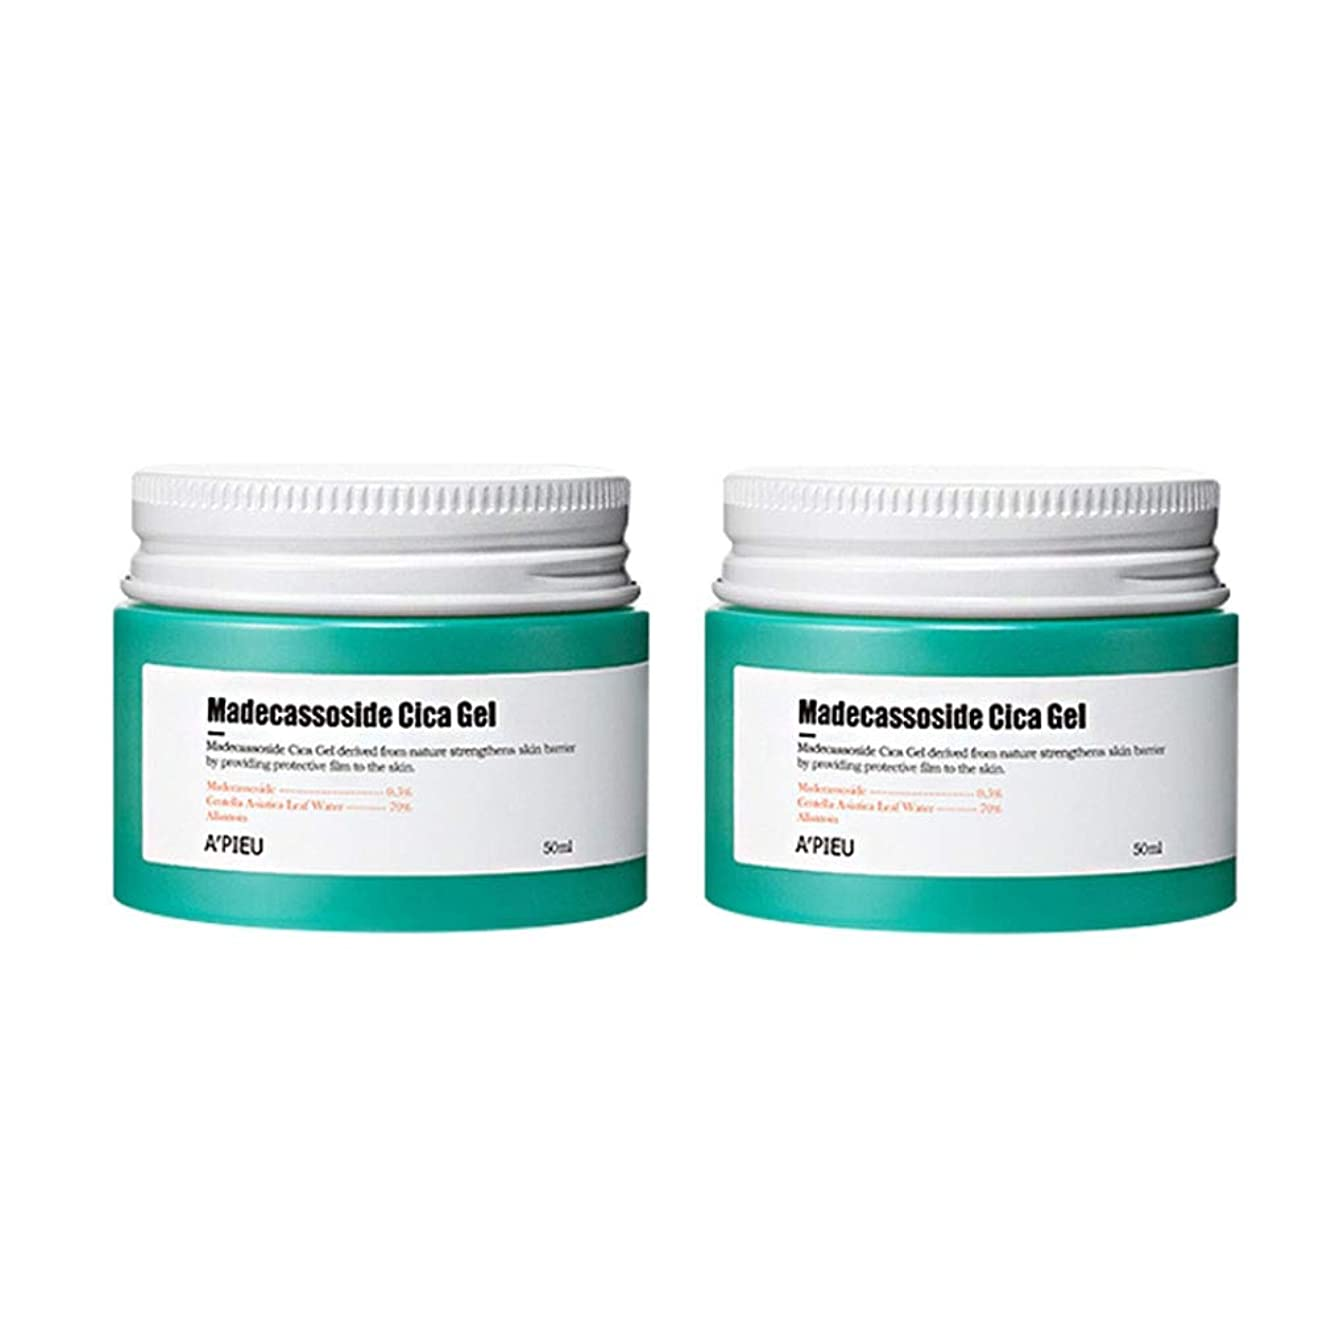 ターゲット注入ネットオピュマデカソサイドシカゲル50ml x2本セット皮膚の損傷の改善、A'pieu Madecassoside Cica Gel 50ml x 2ea Set Skin Damage Care [並行輸入品]